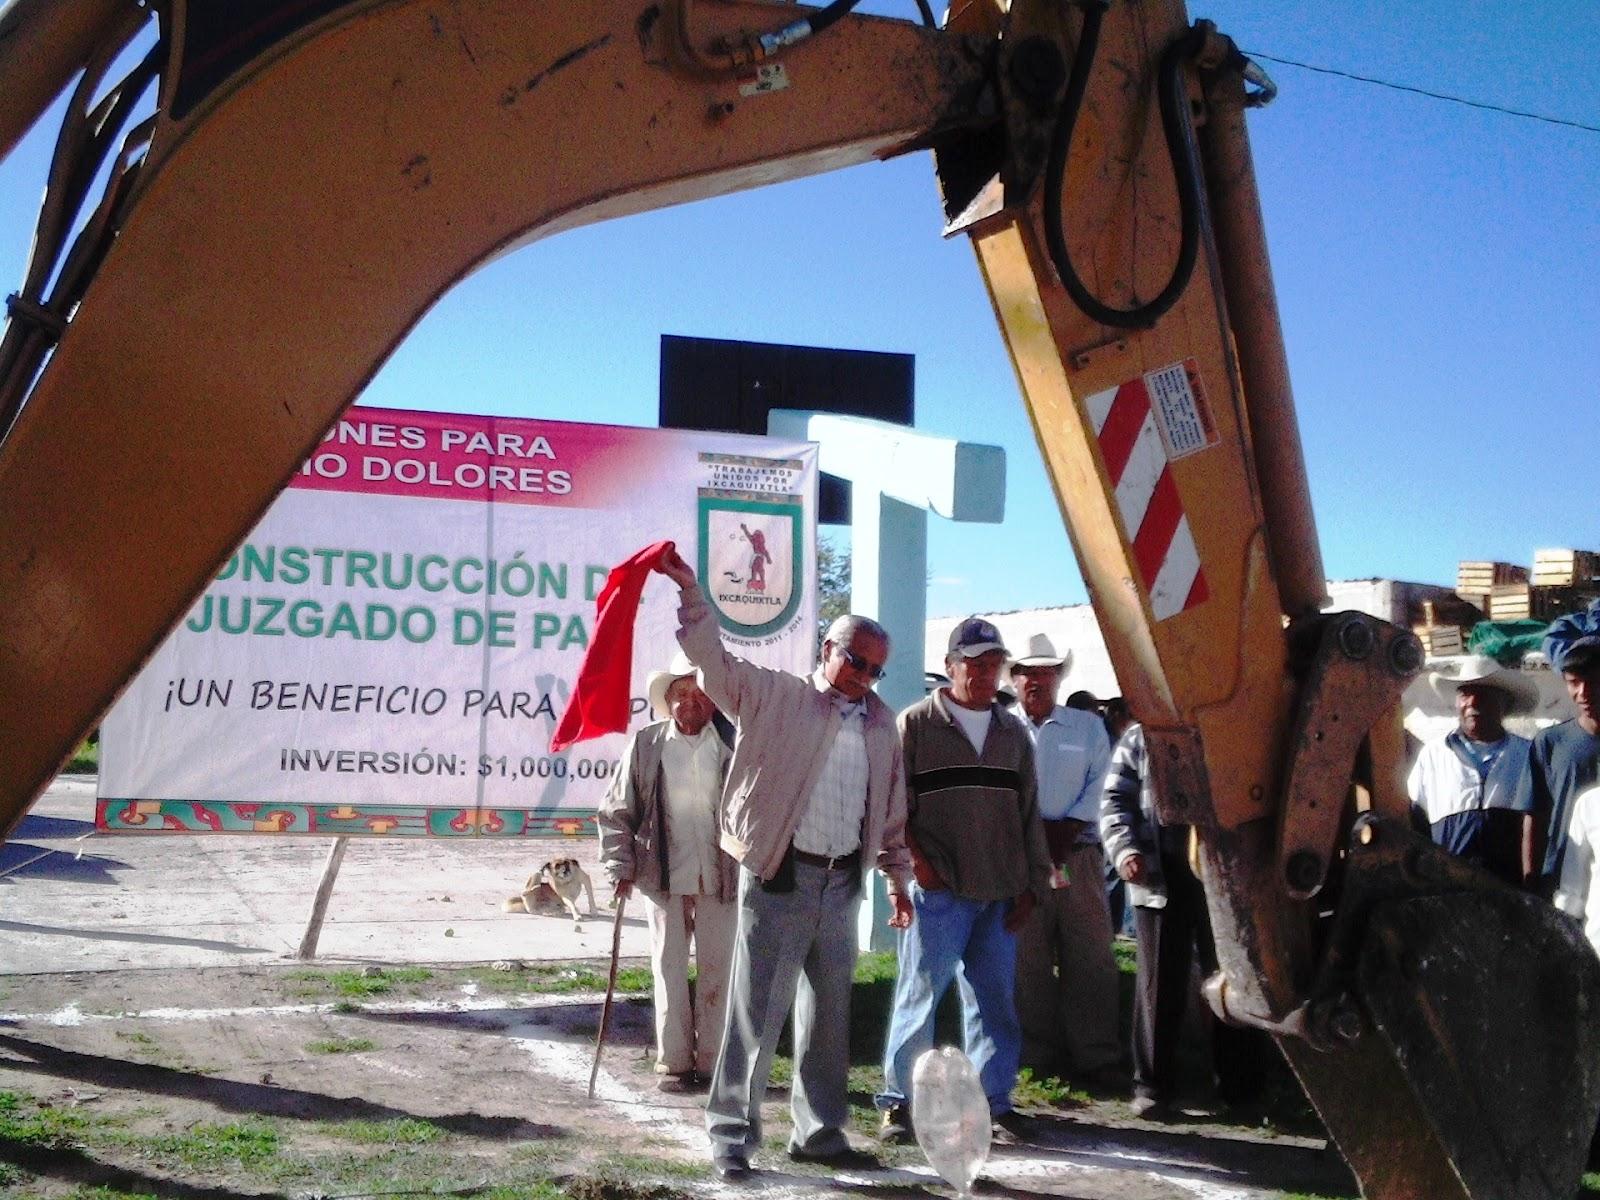 Ixcaquixtla construyen juzgado de paz en barrio dolores for Juzgado de dolores